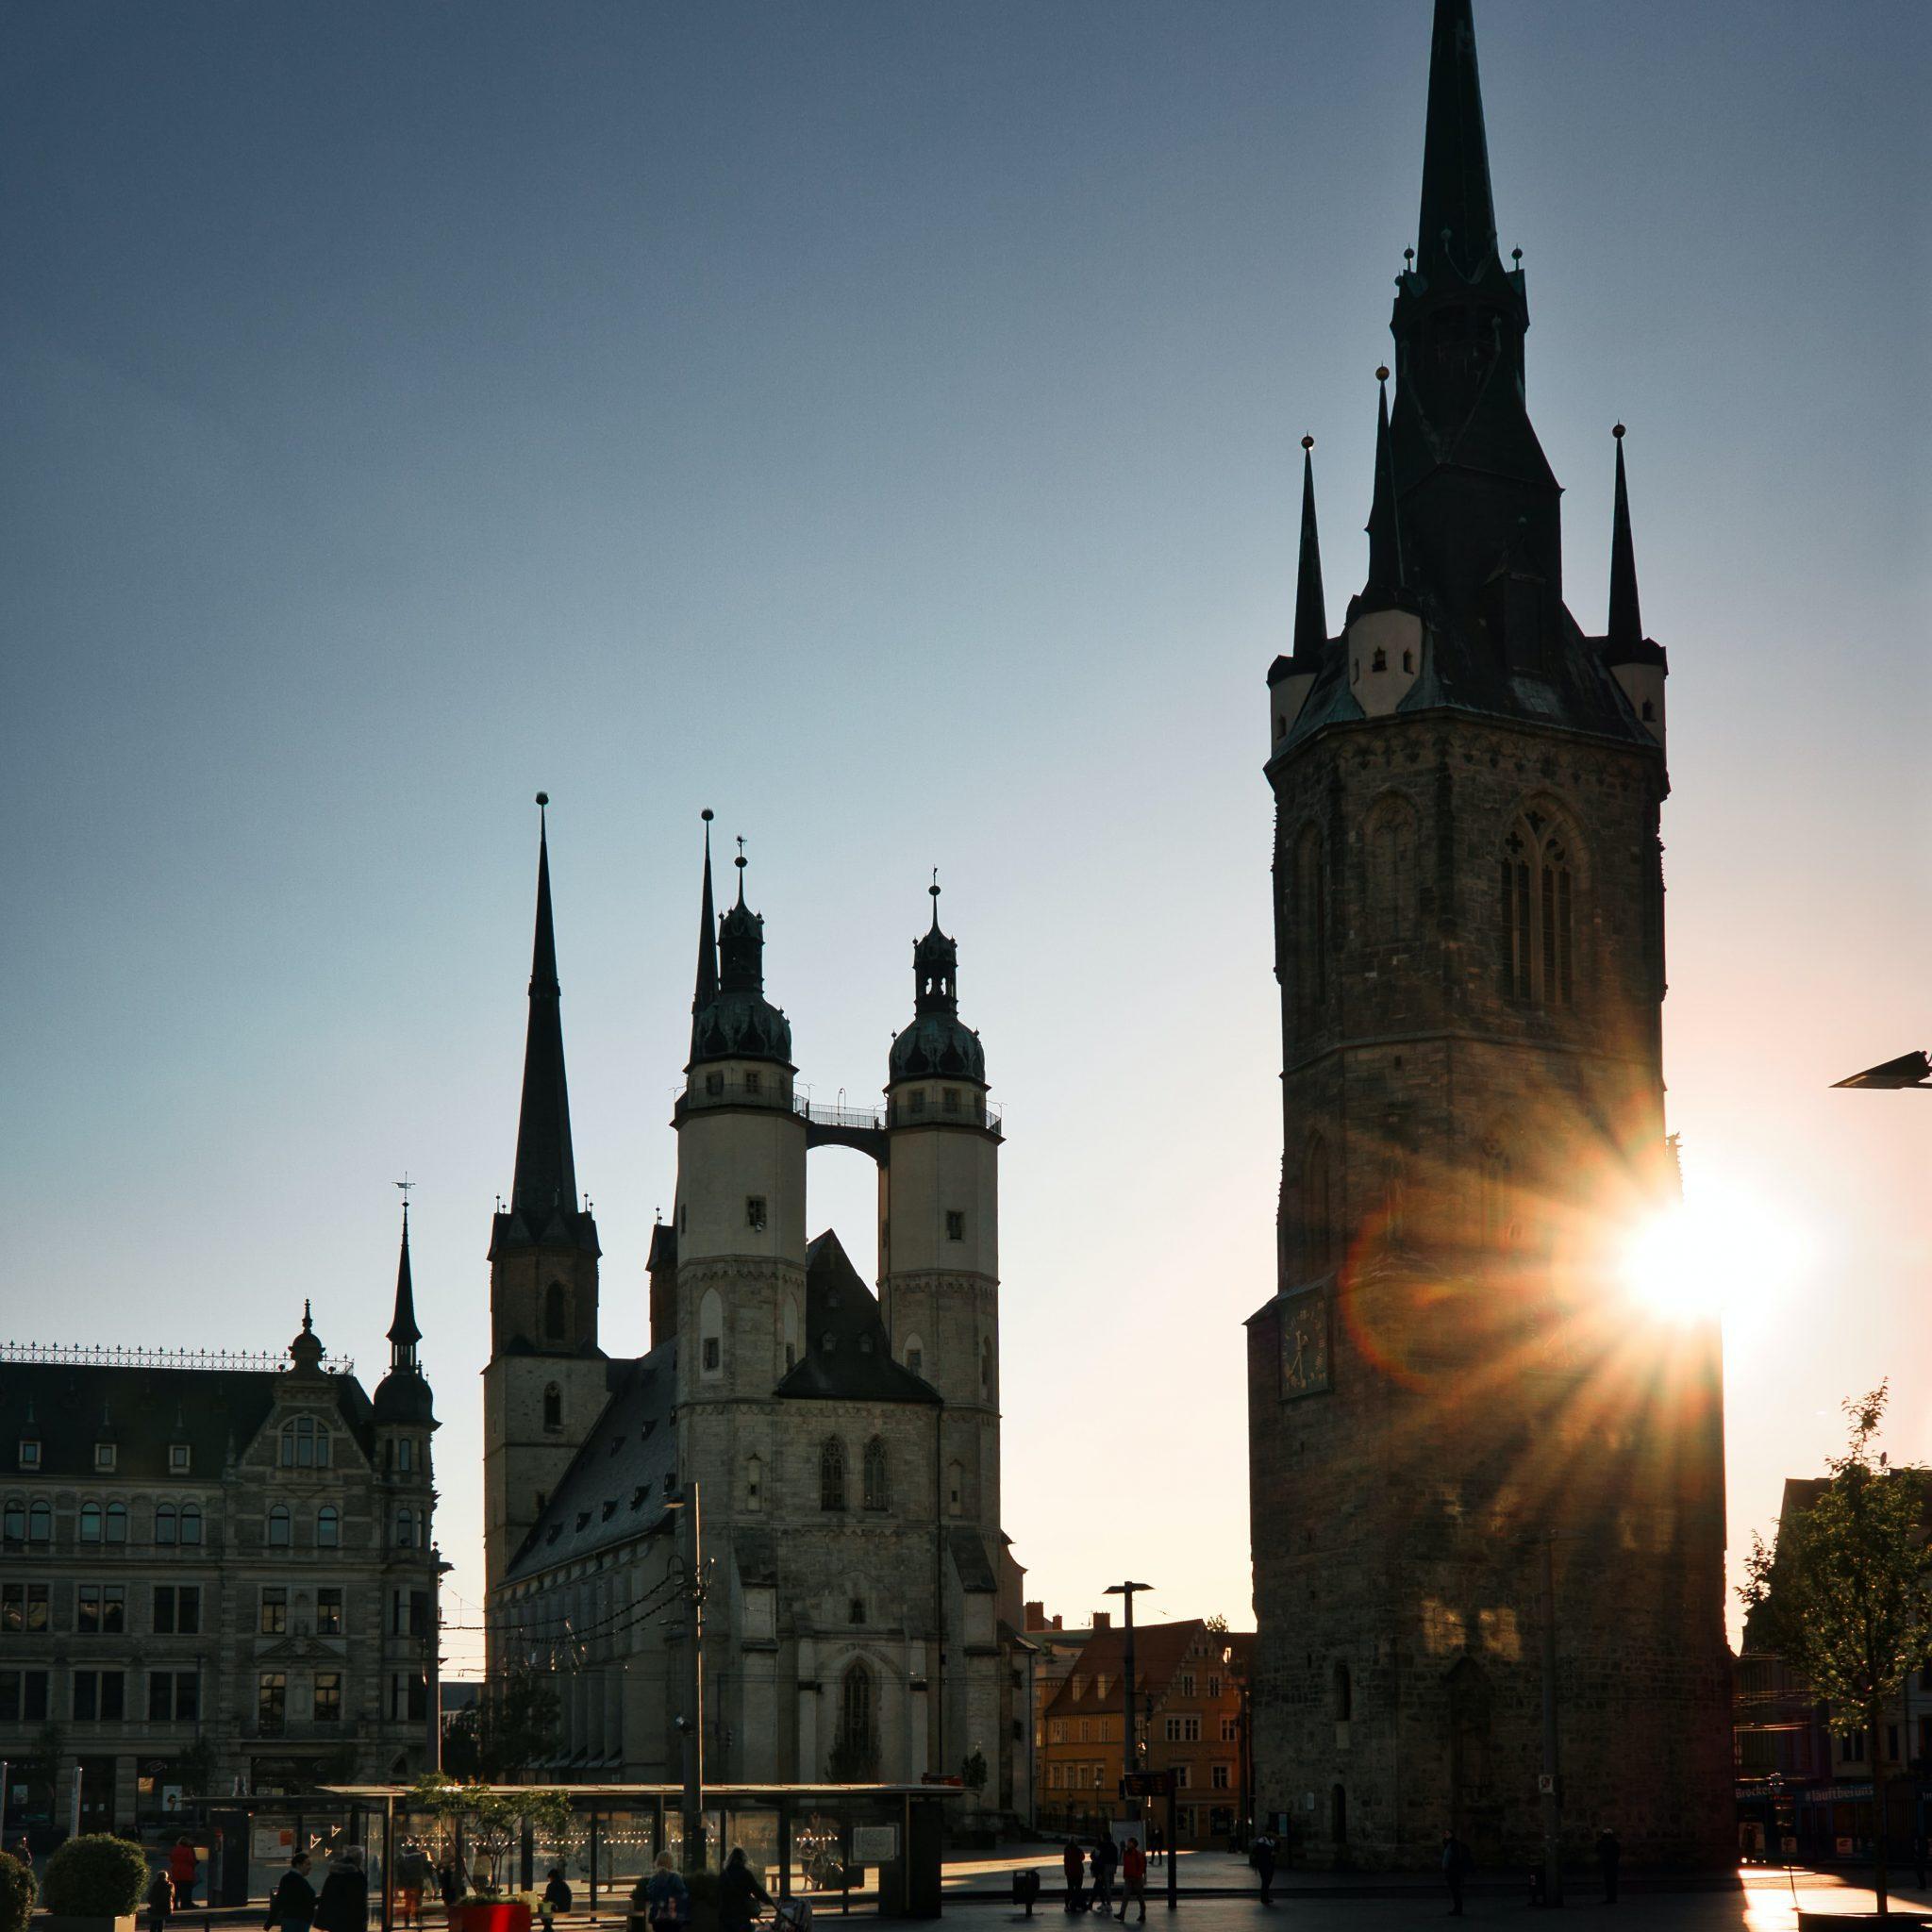 Halle Saale Wahrzeichen Marktkirche und Roter Turm vor untergehender Sonne und wolkenfreiem Himmel